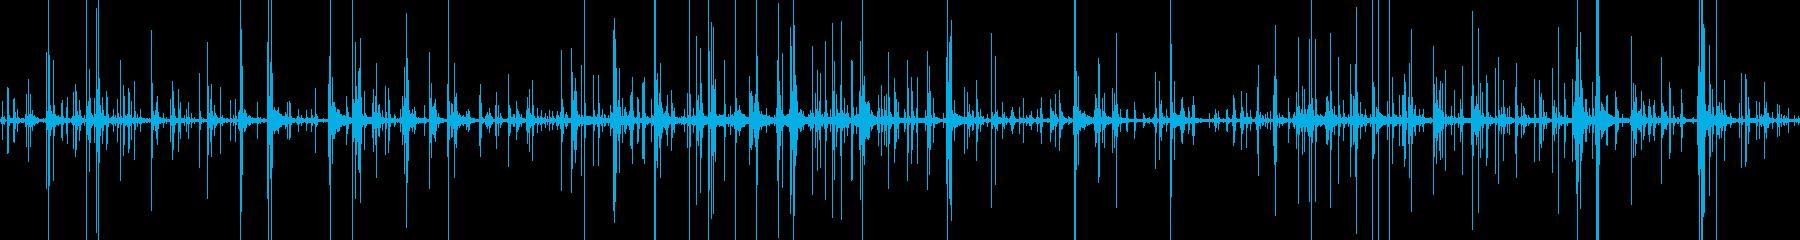 カランコロン… 風 静けさ 不規則の再生済みの波形